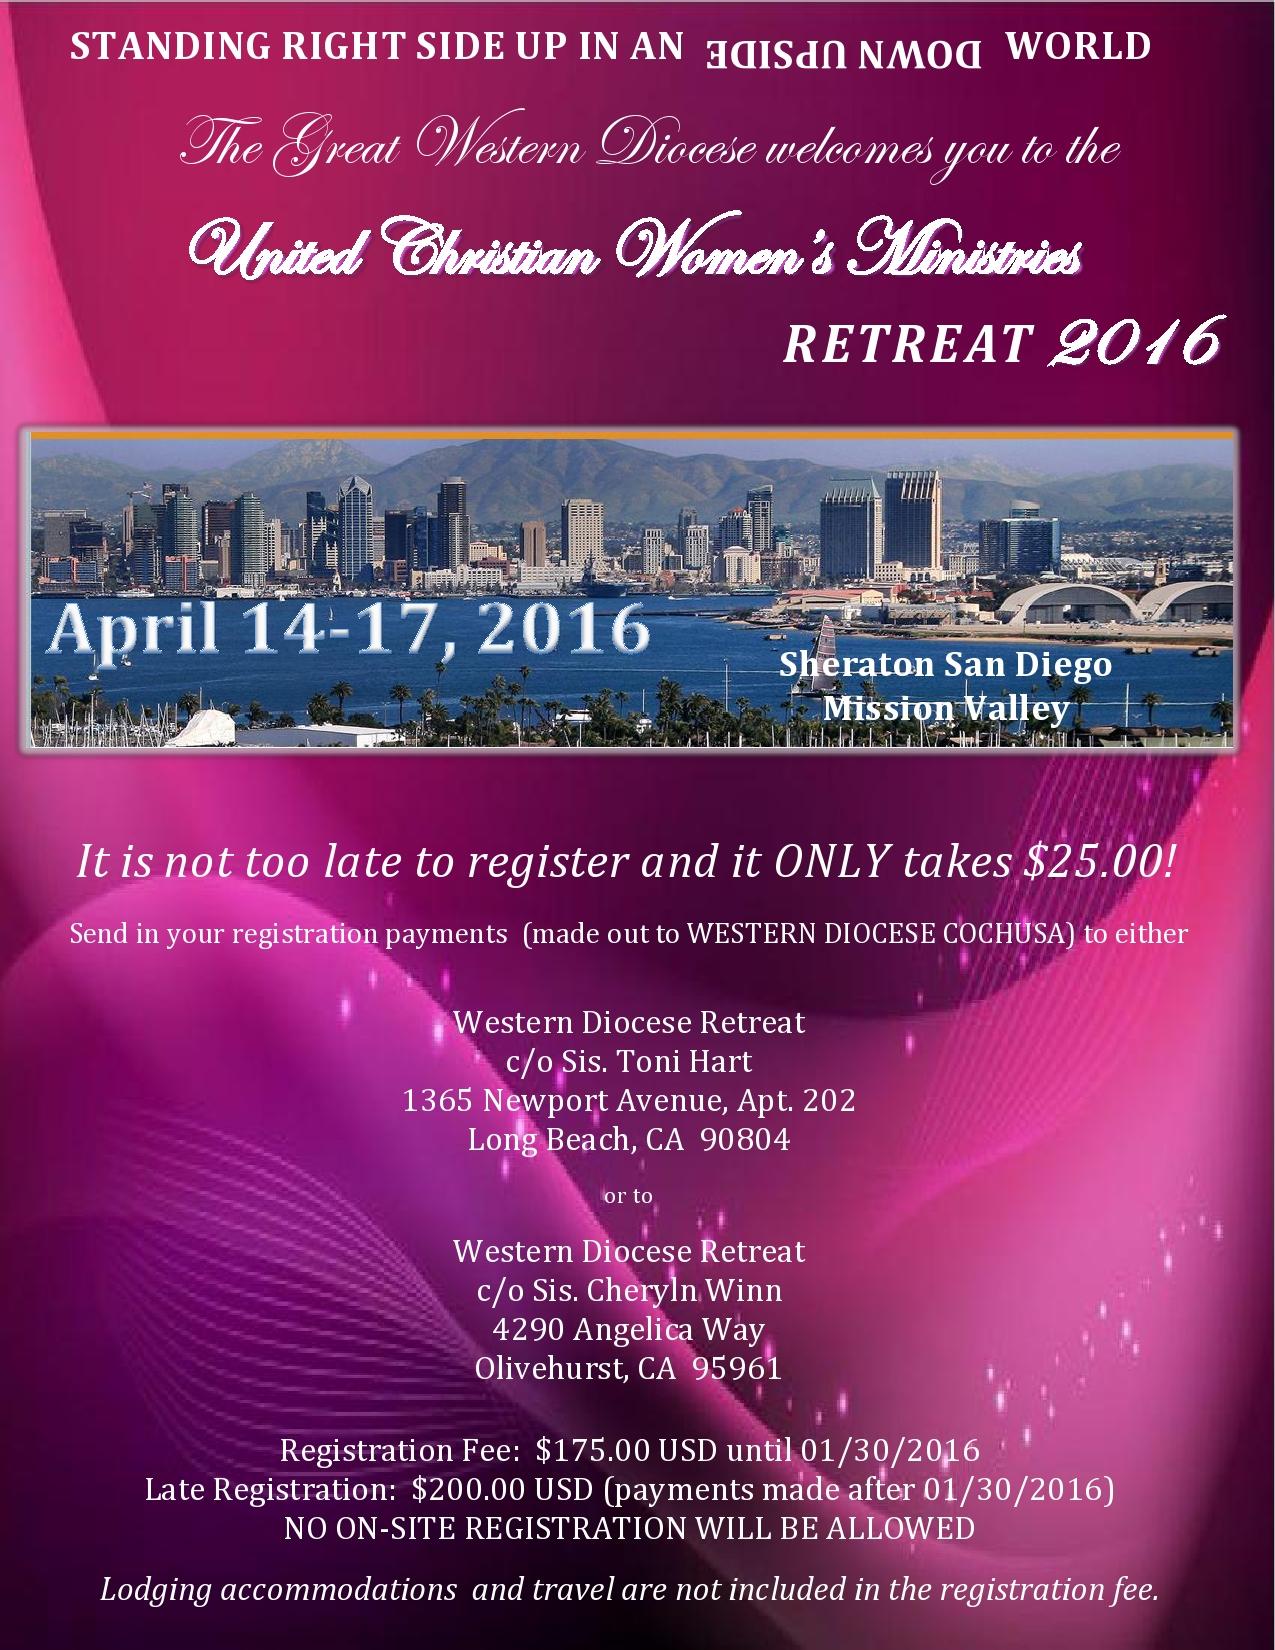 2016 UCWM REMINDER Retreat Flyer